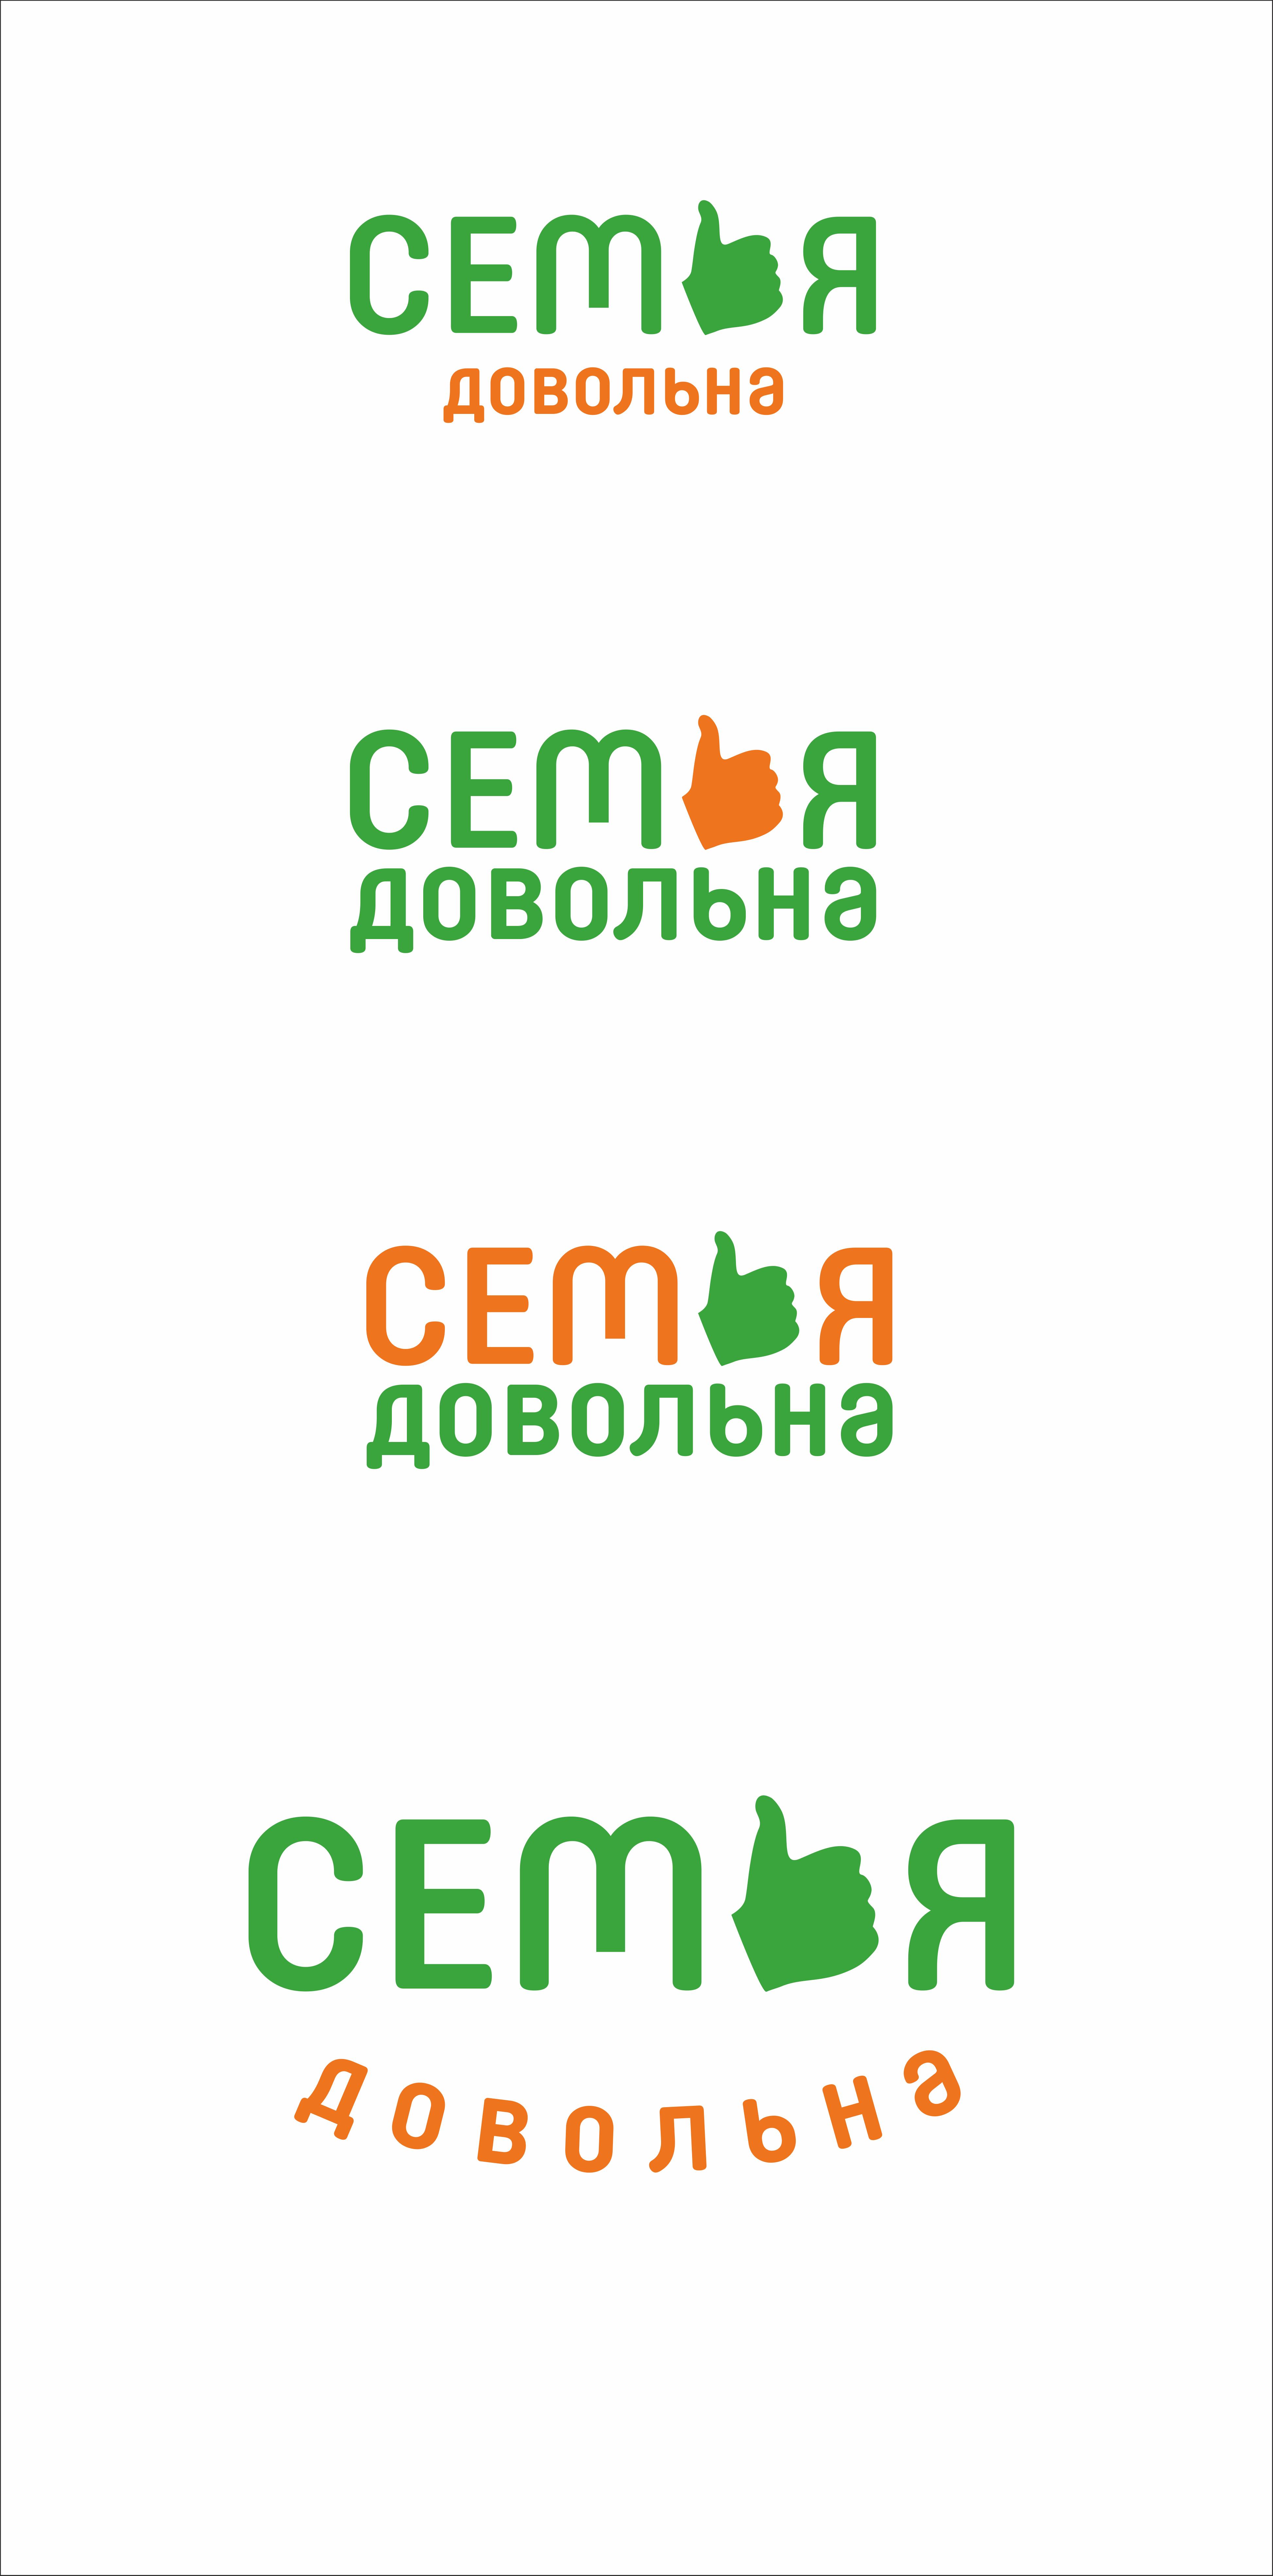 """Разработайте логотип для торговой марки """"Семья довольна"""" фото f_0785b953d5e5a669.png"""